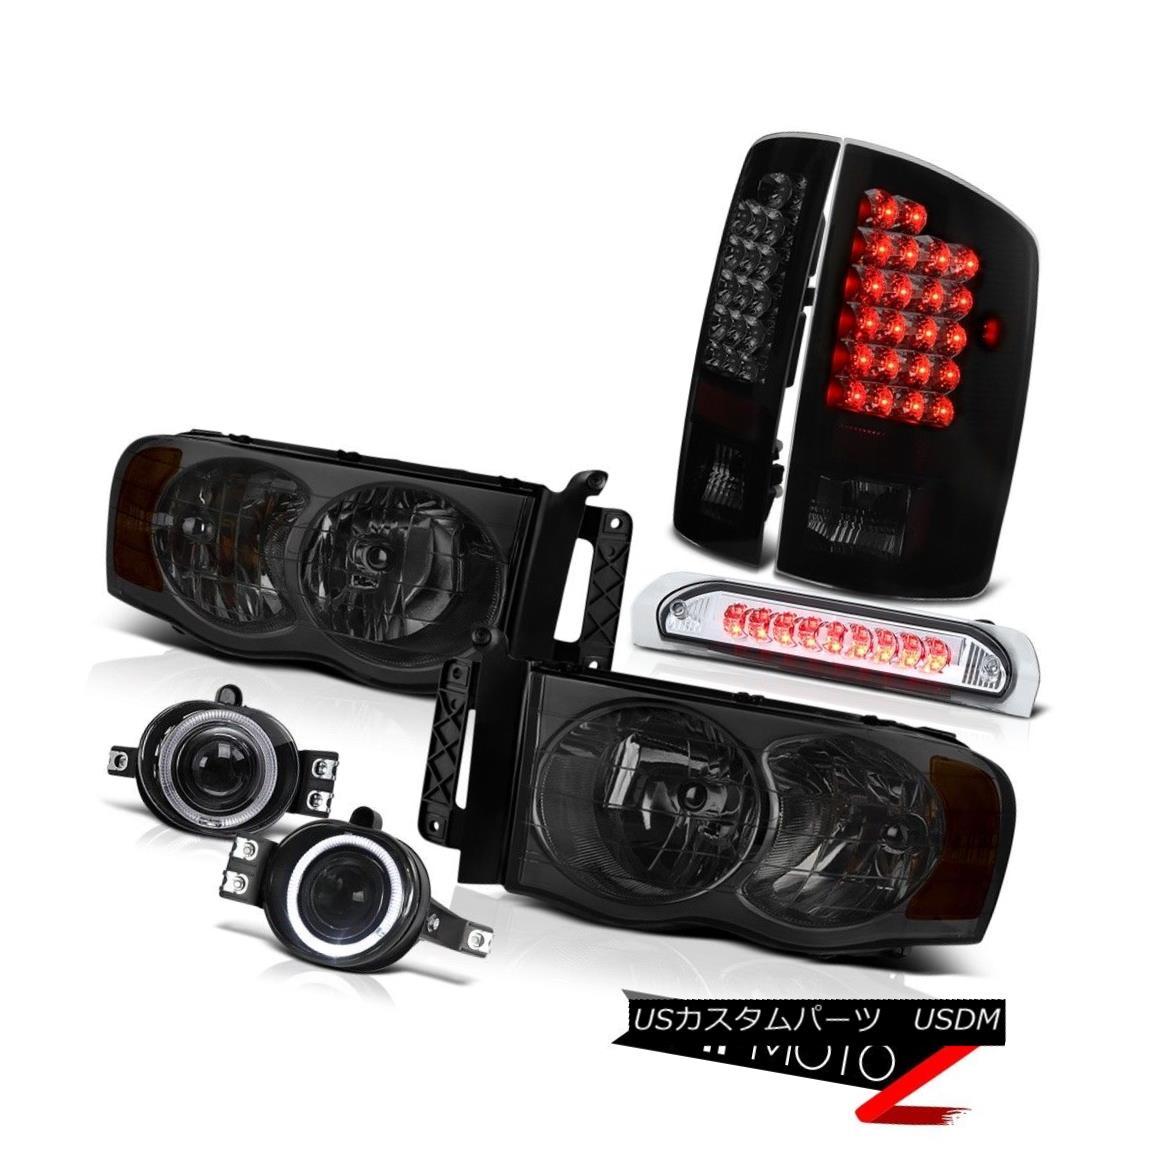 テールライト Ram 3500 5.9L Laramie DRL Head Lights+Driving Fog+3rd Brake Cargo+LED Tail Lamps Ram 3500 5.9L Laramie DRLヘッドライト+ドライビングフォグ+第3ブレーキカーゴ+ LEDテールランプ